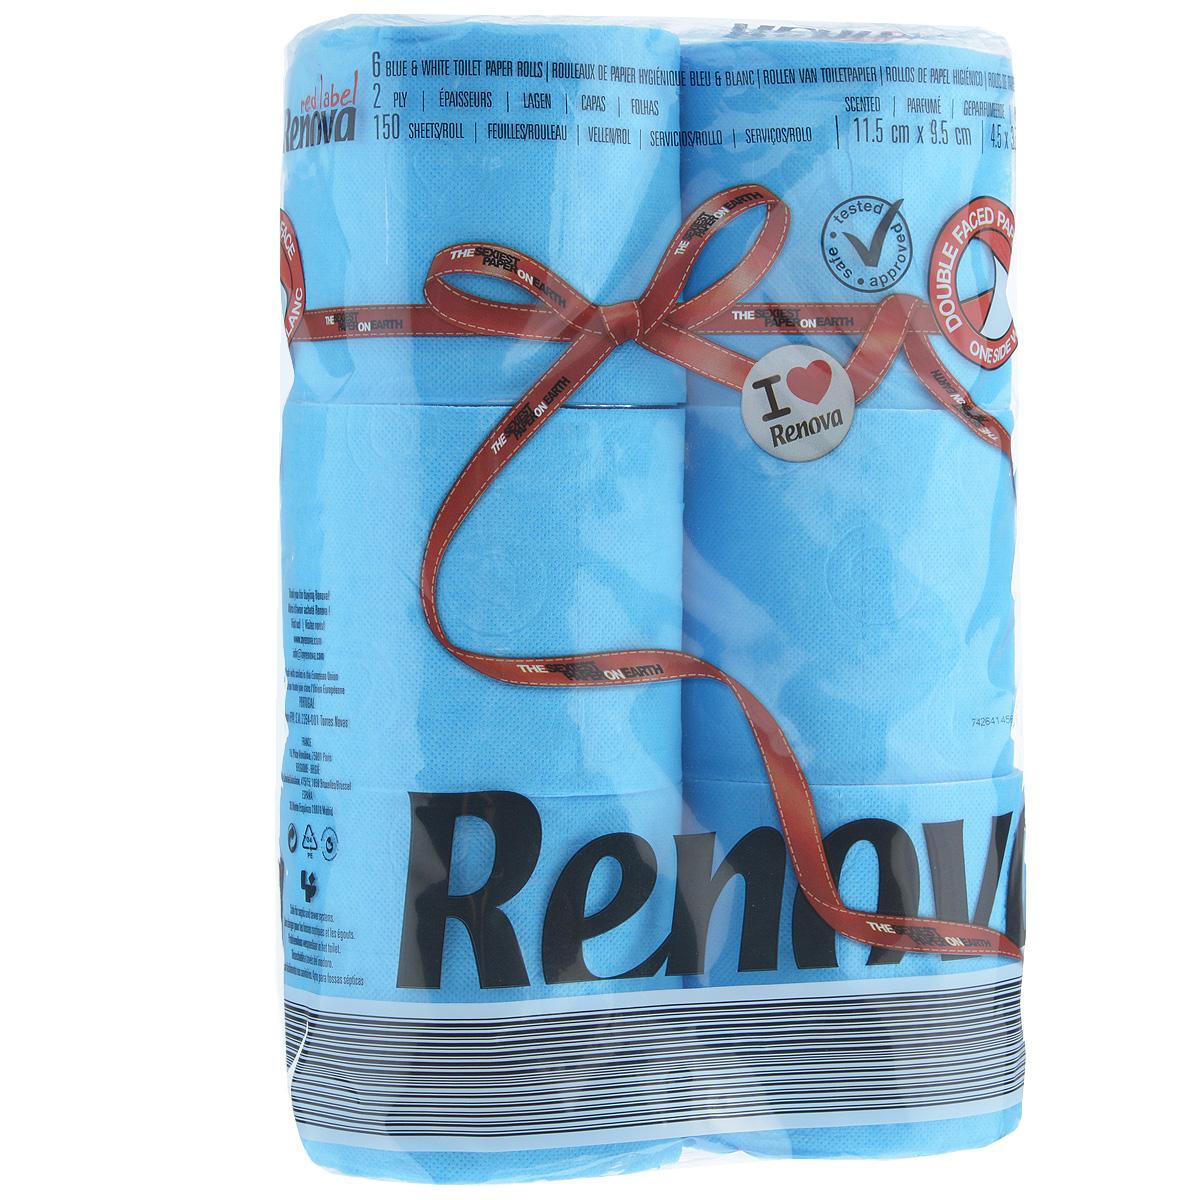 Туалетная бумага Renova, двухслойная, ароматизированная, цвет: голубой, 6 рулонов200066930Туалетная бумага Renova изготовлена по новейшей технологии из 100% ароматизированной целлюлозы, благодаря чему она имеет тонкий аромат, очень мягкая, нежная, но в тоже время прочная. Эксклюзивная двухсторонняя туалетная бумага Renova  экстрамодного цвета, придаст вашему туалету оригинальность. Состав: 100% ароматизированная целлюлоза.Количество листов: 150 шт. Количество слоев: 2. Размер листа: 11,5 см х 9,5 см. Количество рулонов: 6 шт. Португальская компания Renova является ведущим разработчиком новейших технологий производства, нового стиля и направления на рынке гигиенической продукции.Современный дизайн и высочайшее качество, дерматологический контроль - это то, что выделяет компанию Renova среди других производителей бумажной санитарно-гигиенической продукции.